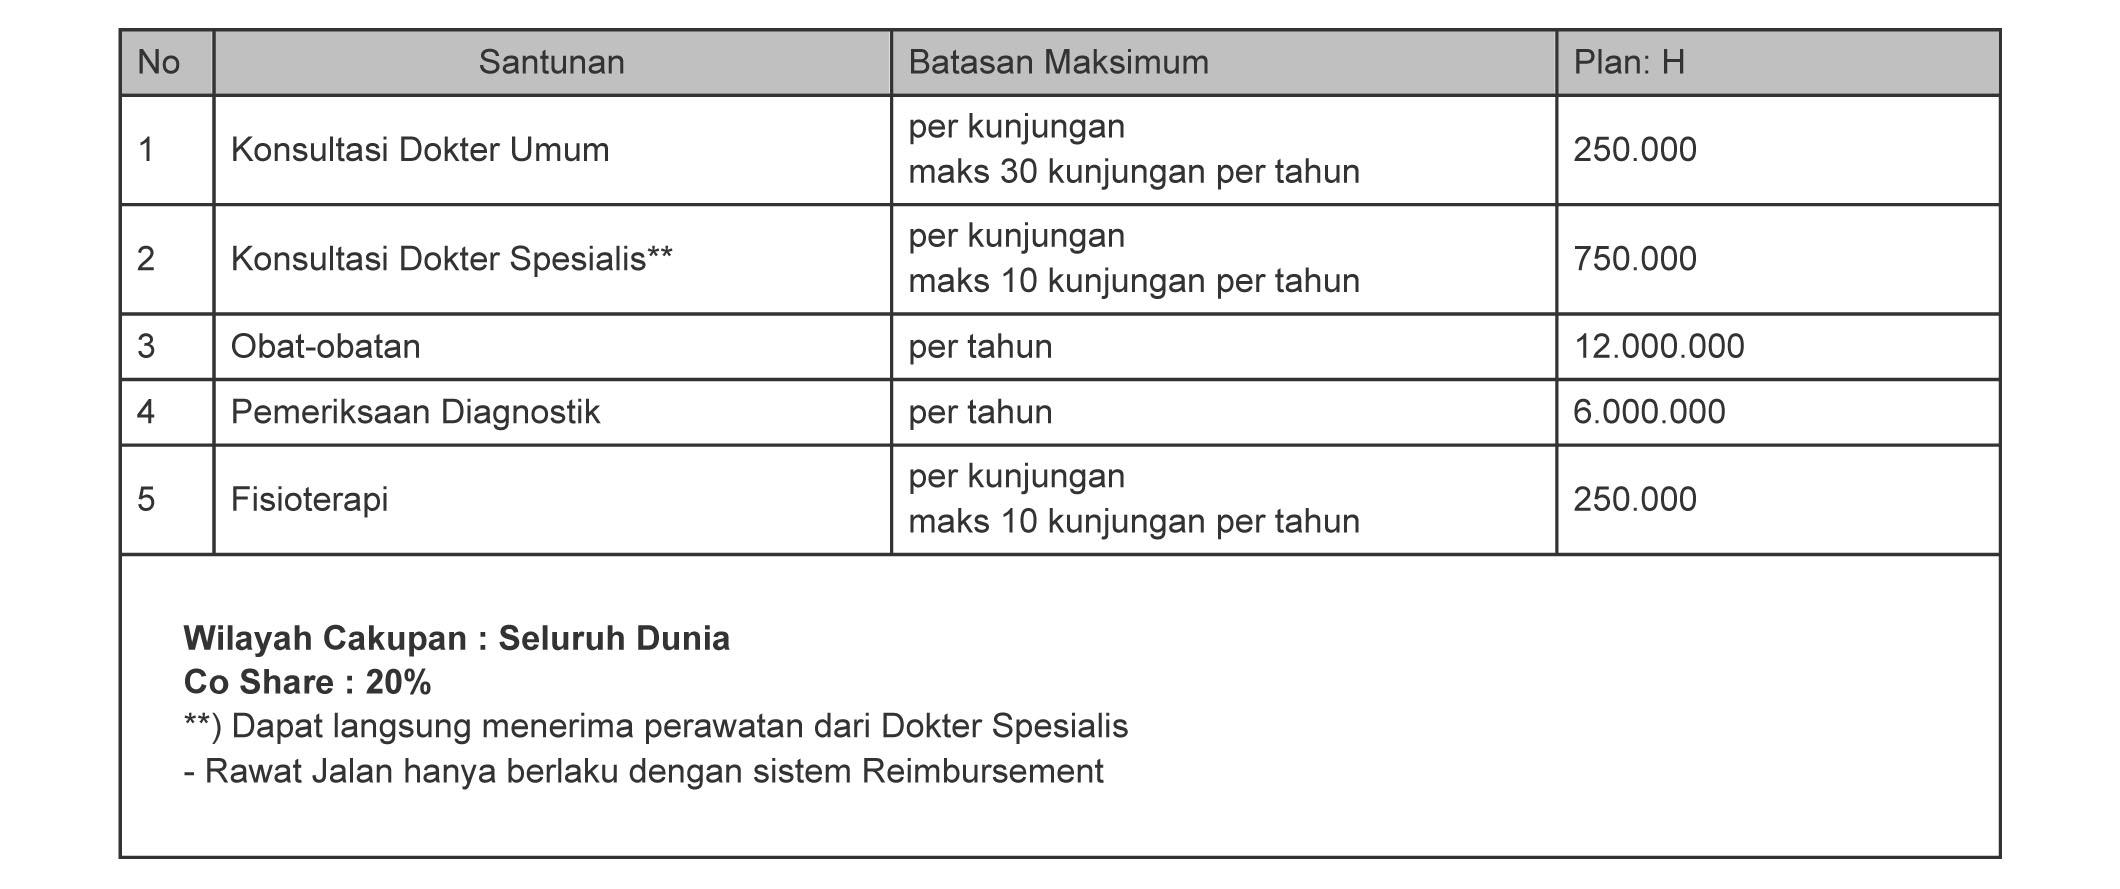 tabel manfaat rawat jalan smarthealth maxi violet atau allisya care plan H